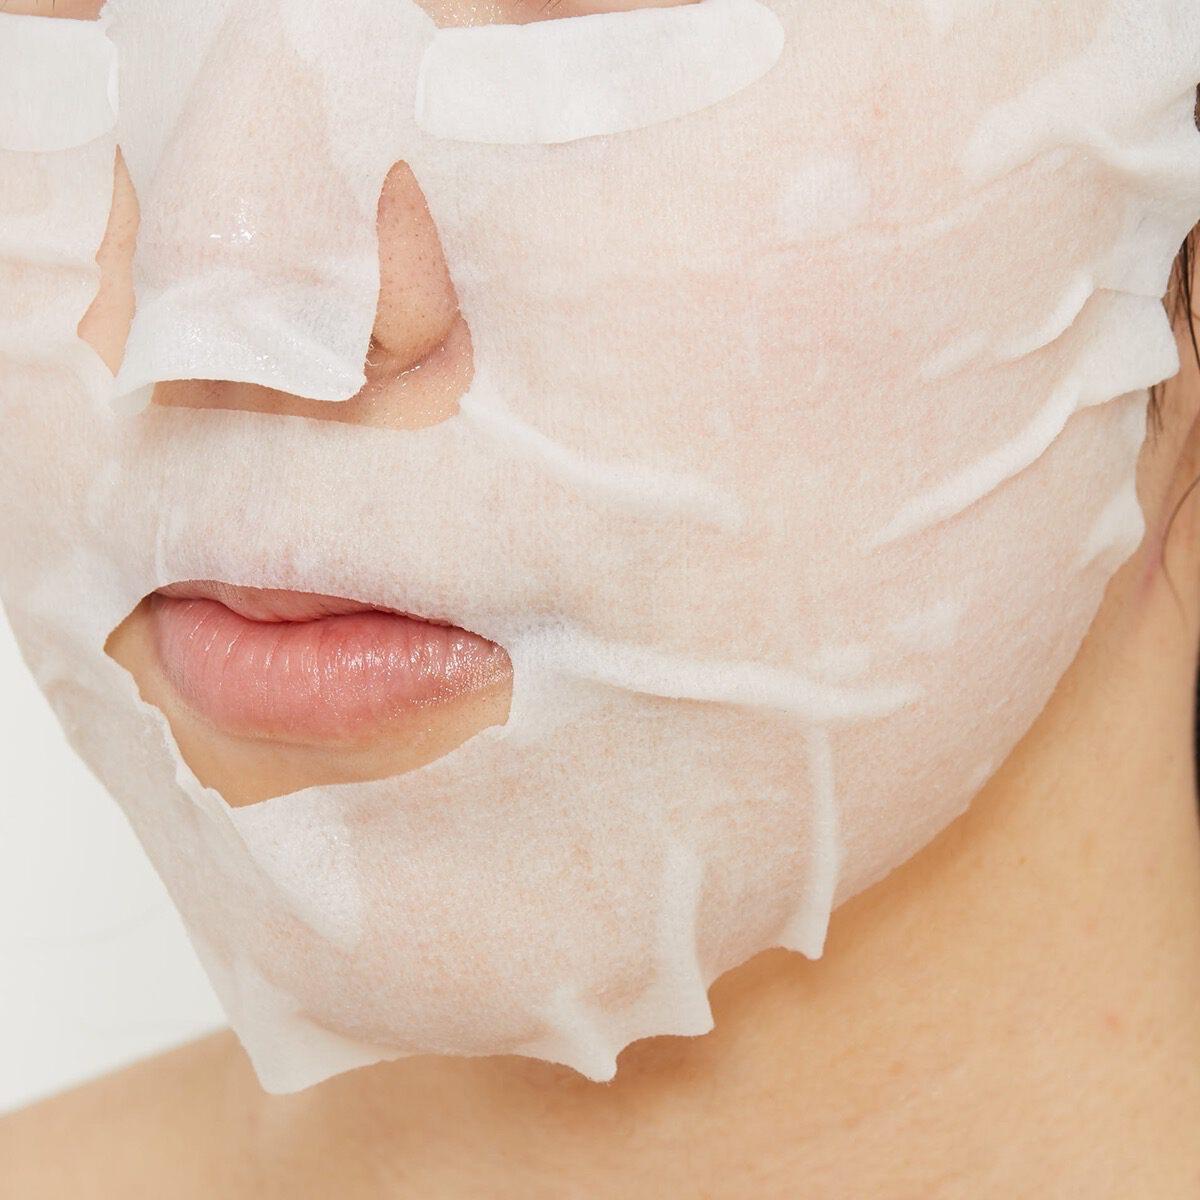 本気の乾燥小じわ対策におすすめのQUALITY 1ST(クオリティファースト)『オールインワンシートマスク グランエイジングケア』をご紹介に関する画像10